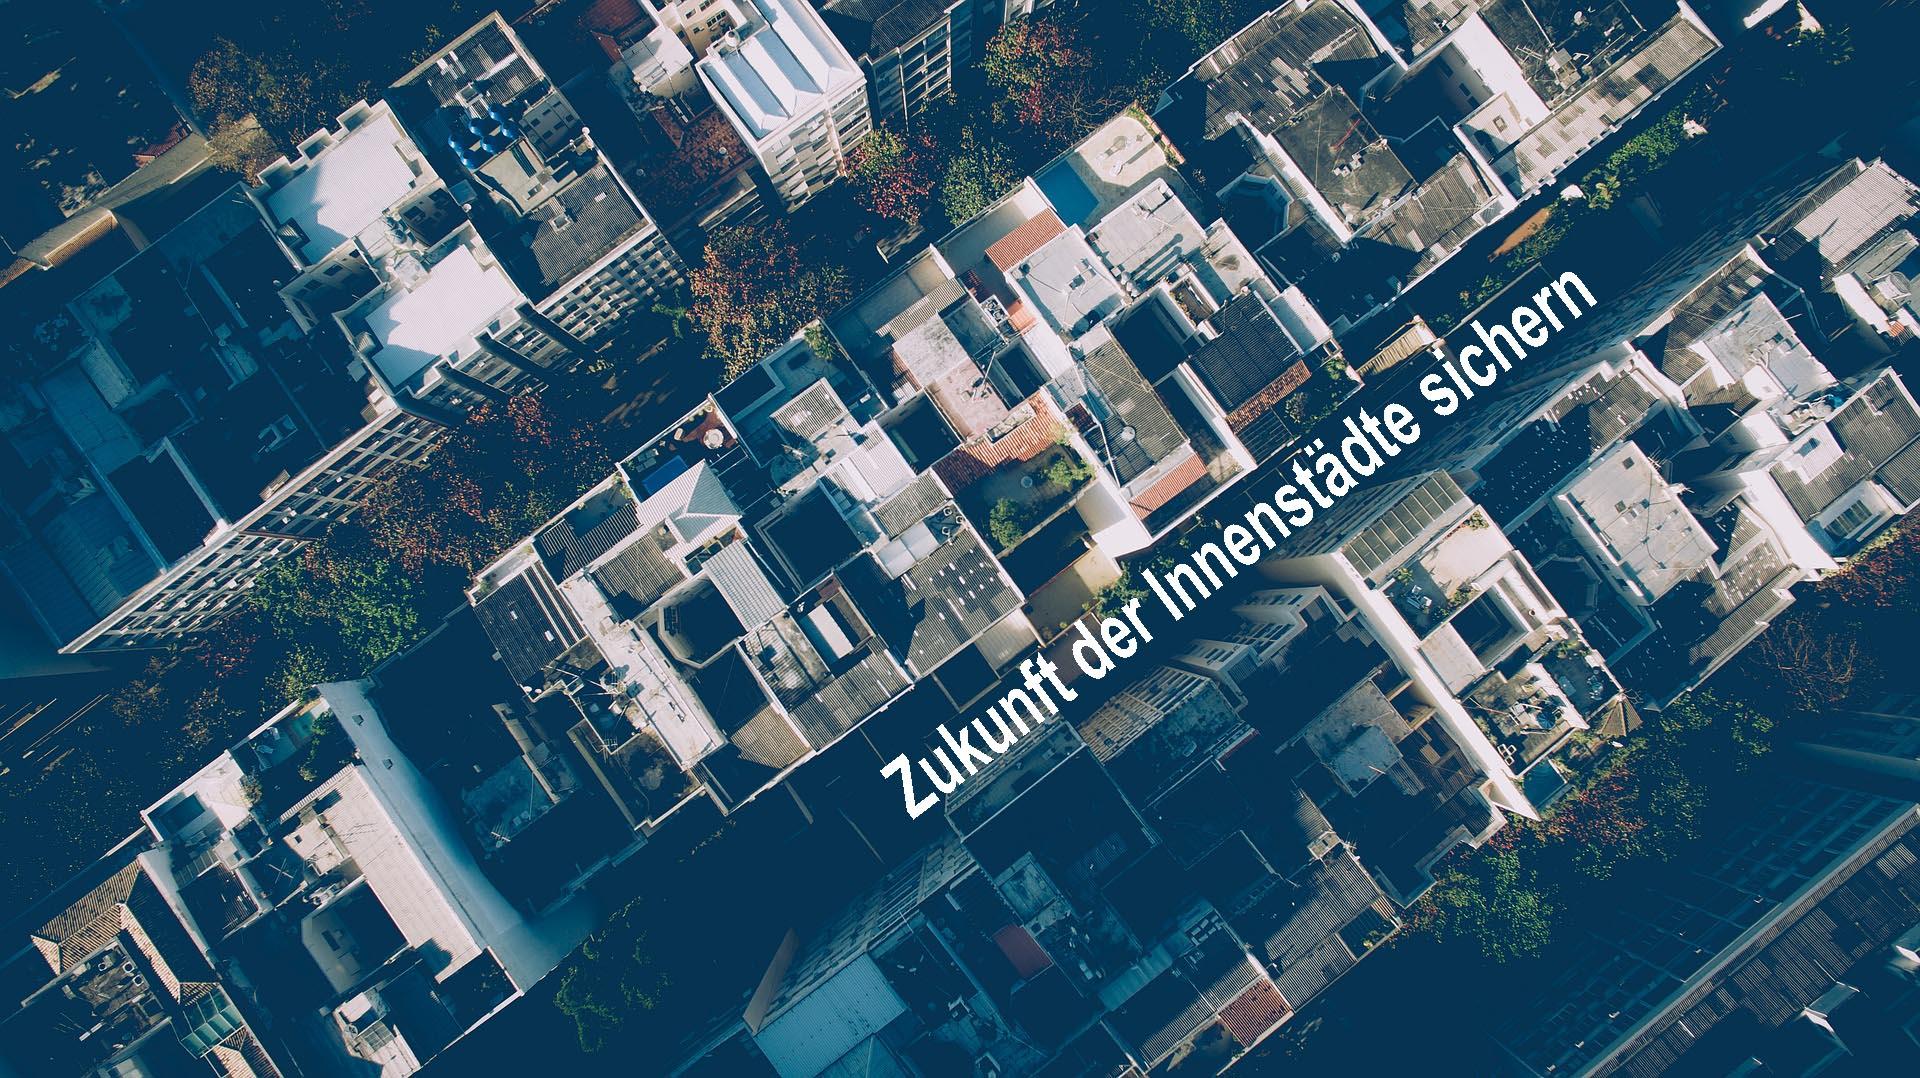 Deutscher Städtetag und Handelsverband beziehen Position: Zukunft der Innenstädte sichern